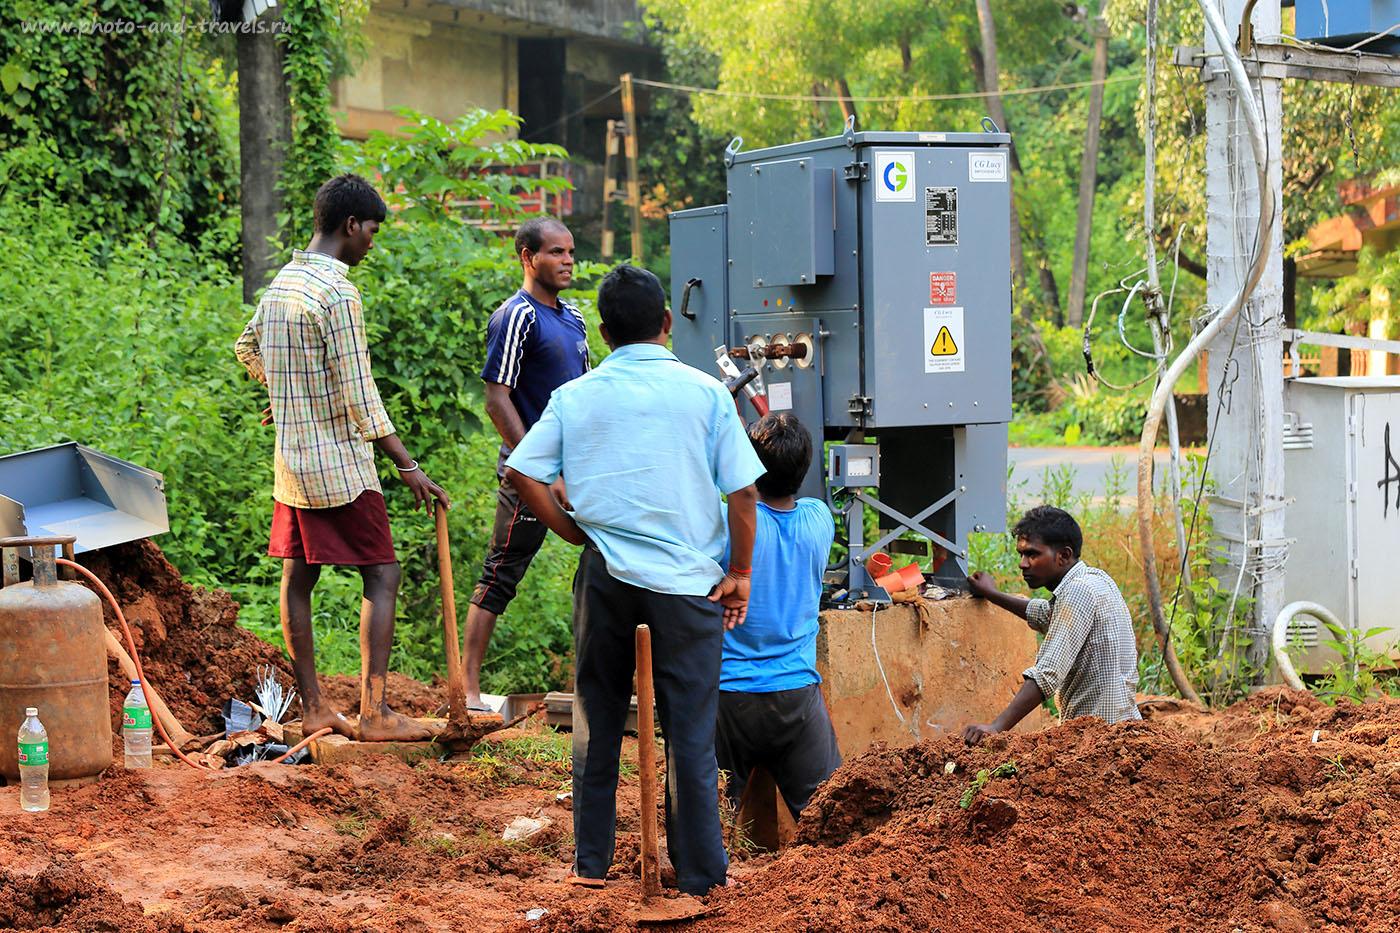 Фото 5. Электрики. Отчет об отдыхе в Индии самостоятельно (70-200, 1/60, )eV, f8, 81mm, ISO 100)